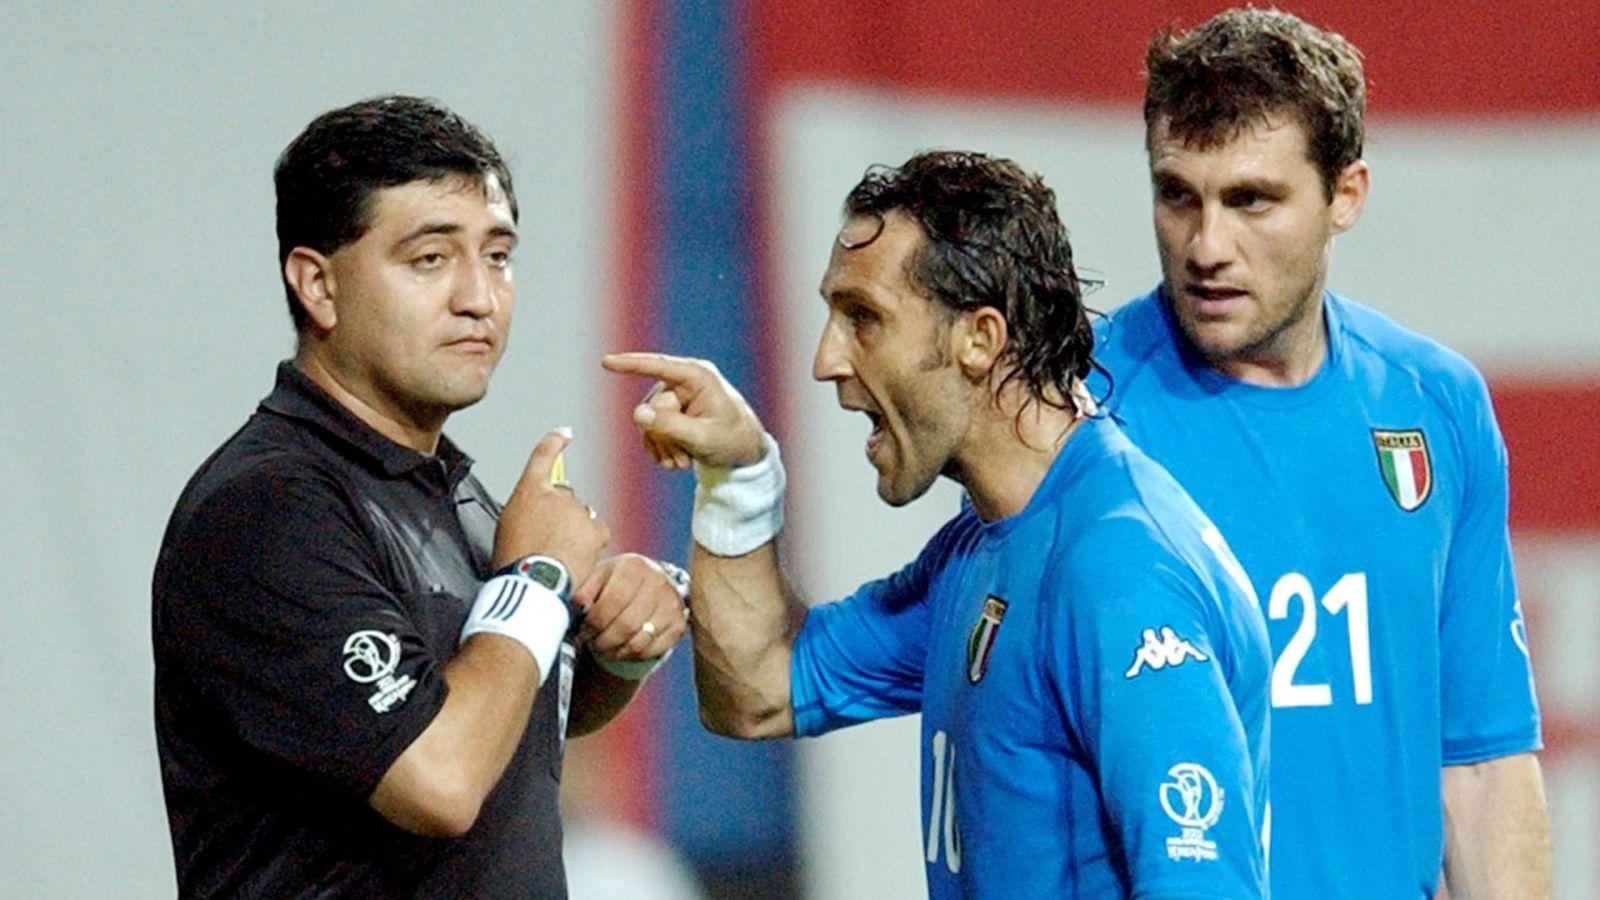 Italia-Corea 1-2, è sempre colpa di Byron Moreno